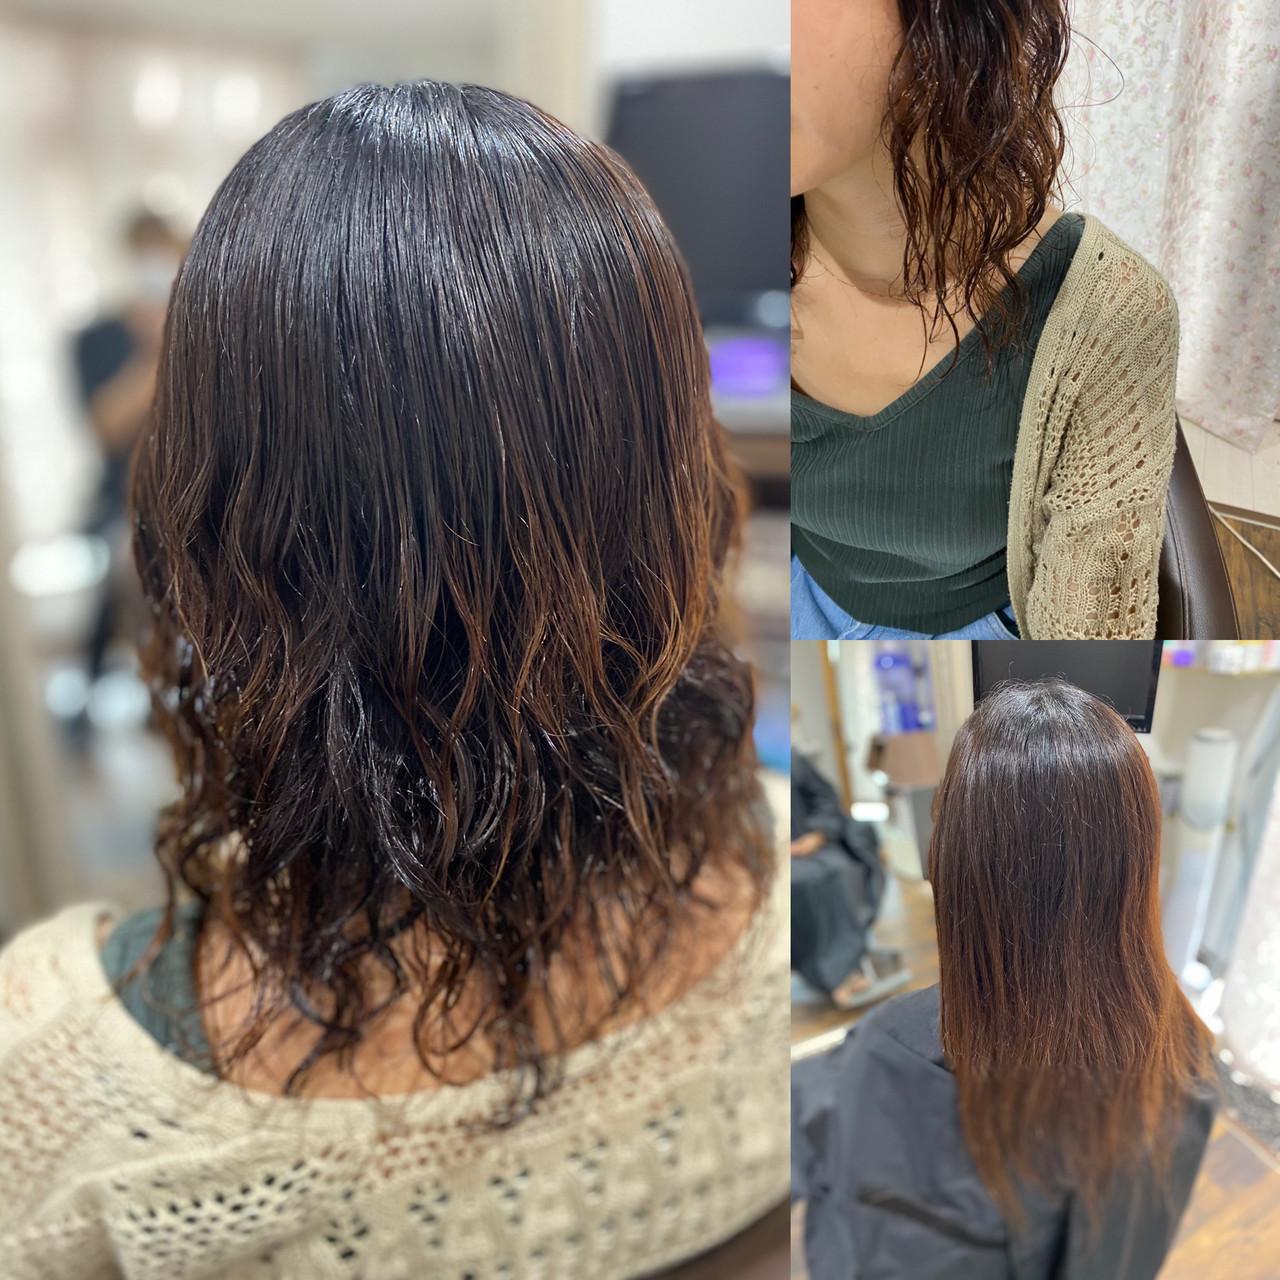 波巻き スパイラルパーマ ガーリー 波ウェーブ ヘアスタイルや髪型の写真・画像